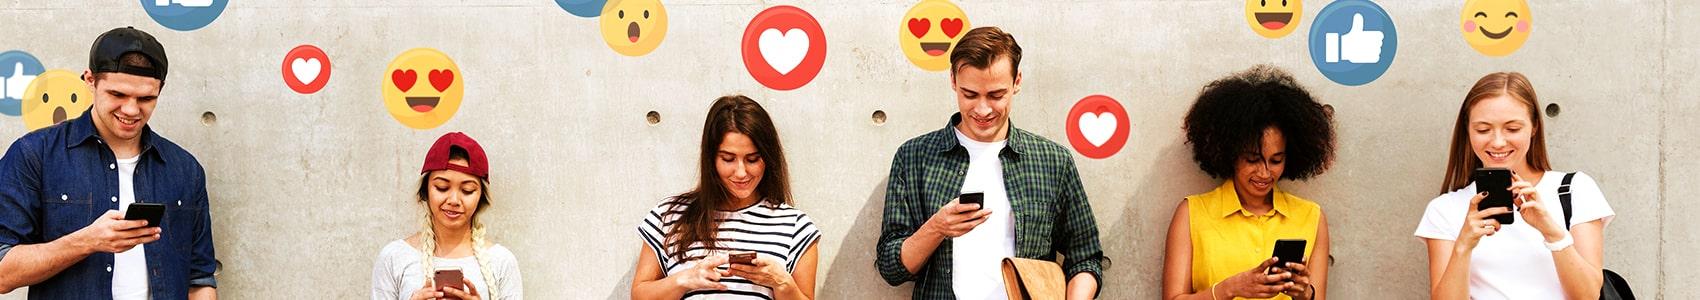 10 astuces à connaître sur les réseaux sociaux